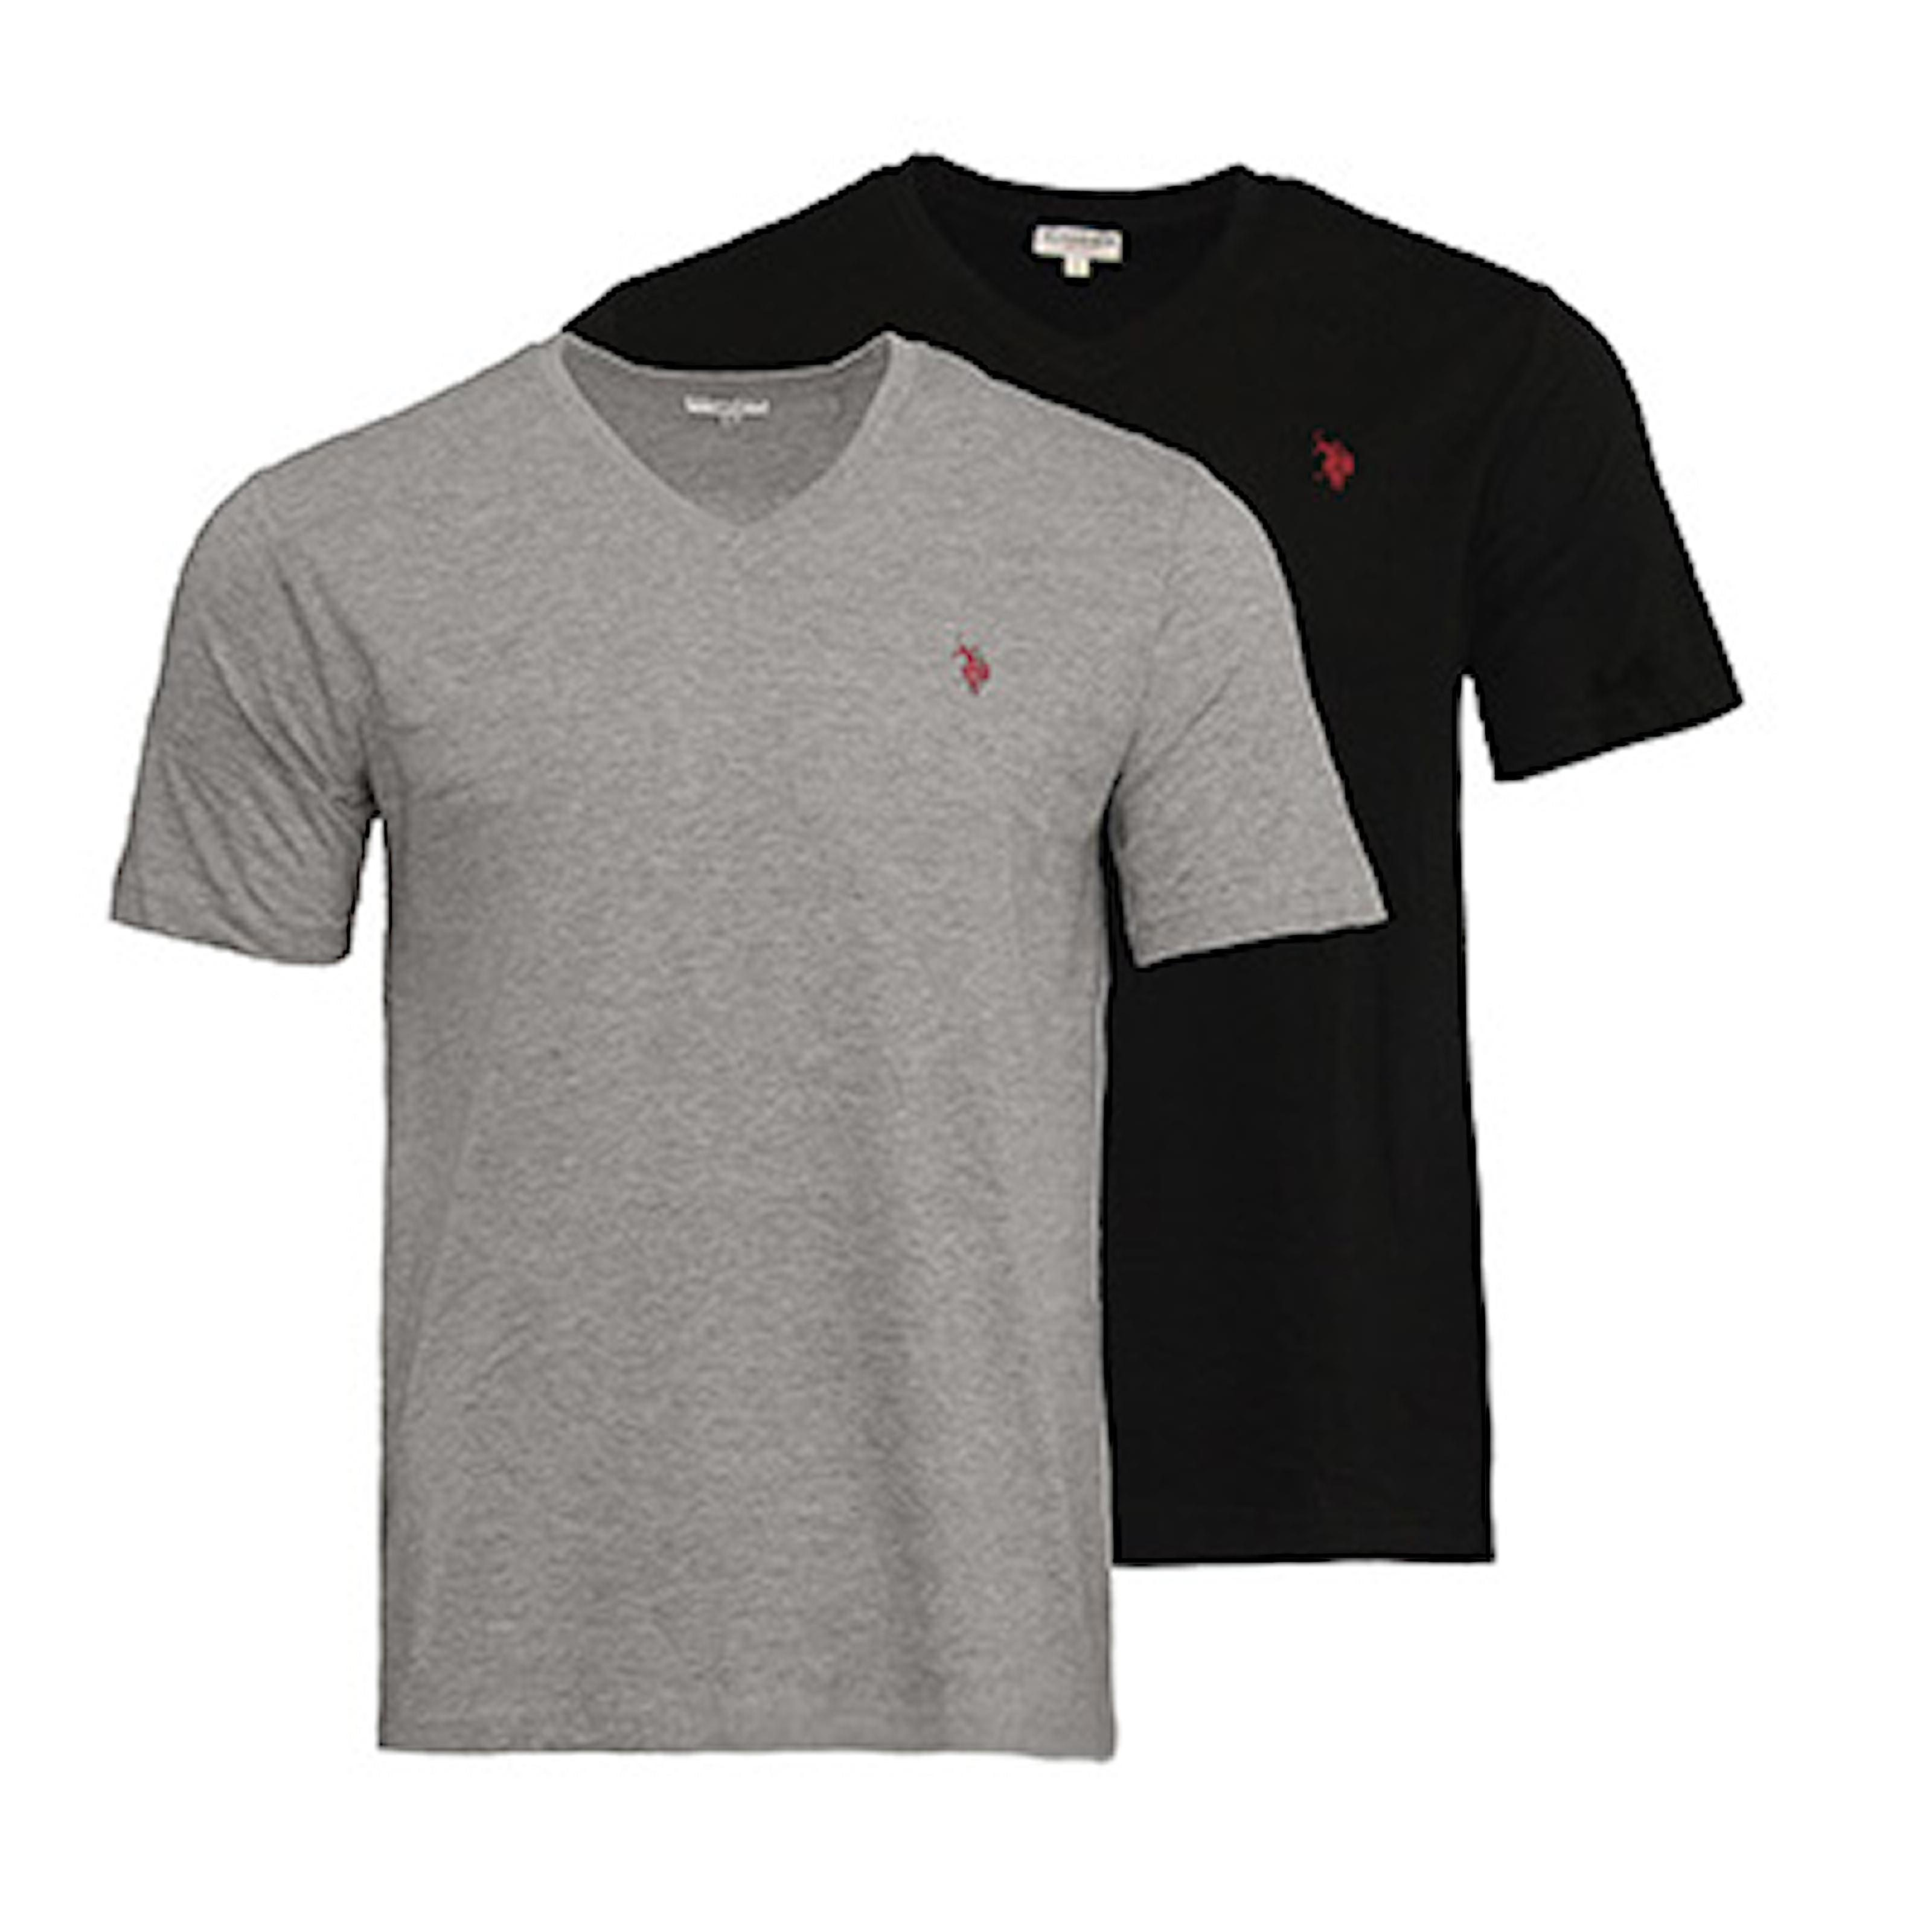 1 x Svart, 1 x Grå, L, 2-pcs, T-skjorter fra U.S. Polo, ,